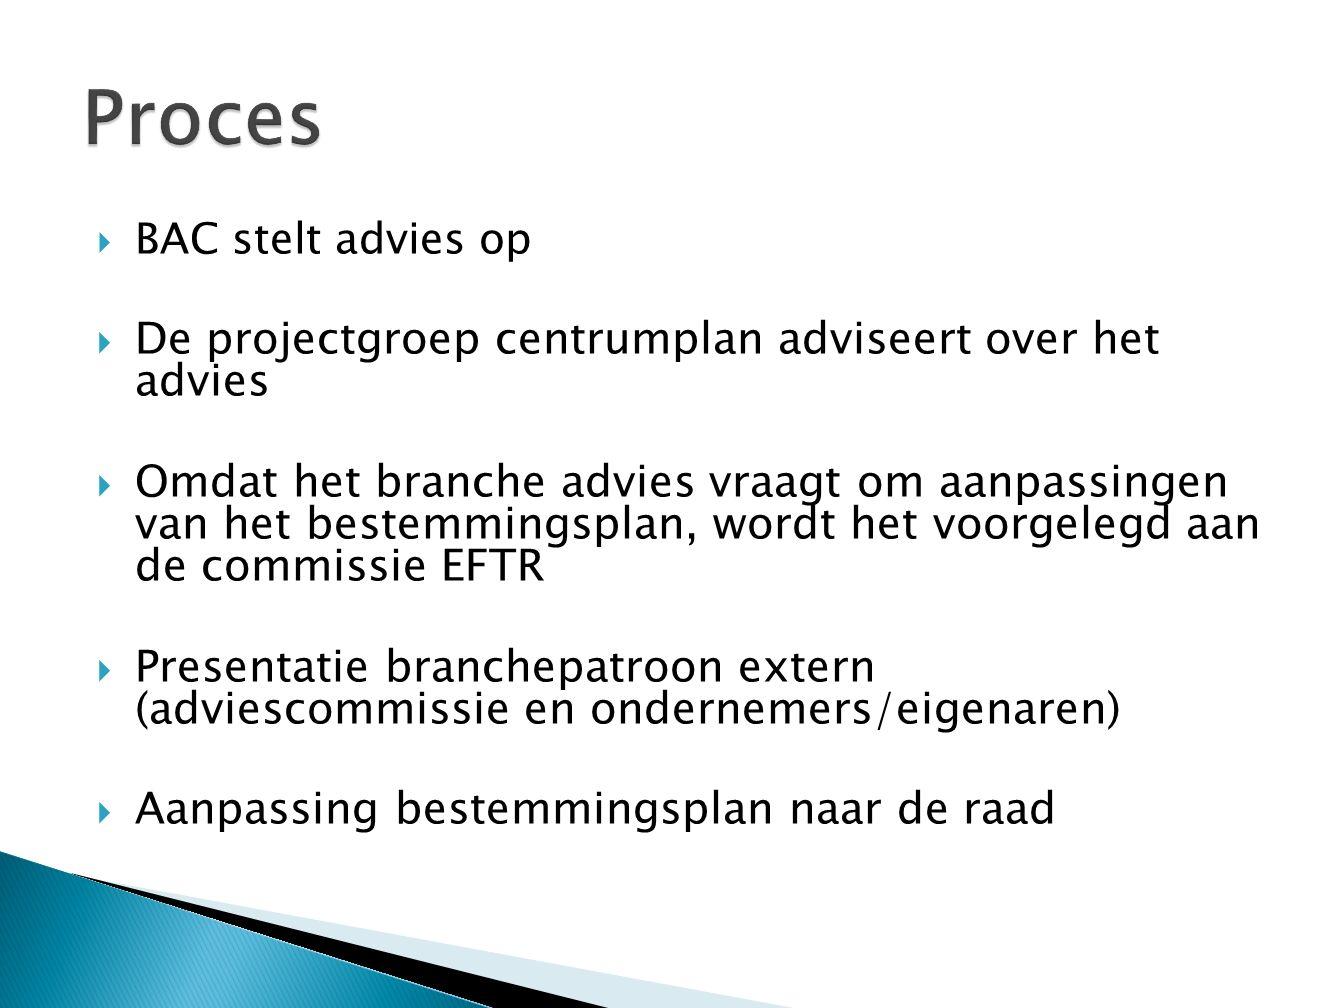  BAC stelt advies op  De projectgroep centrumplan adviseert over het advies  Omdat het branche advies vraagt om aanpassingen van het bestemmingsplan, wordt het voorgelegd aan de commissie EFTR  Presentatie branchepatroon extern (adviescommissie en ondernemers/eigenaren)  Aanpassing bestemmingsplan naar de raad